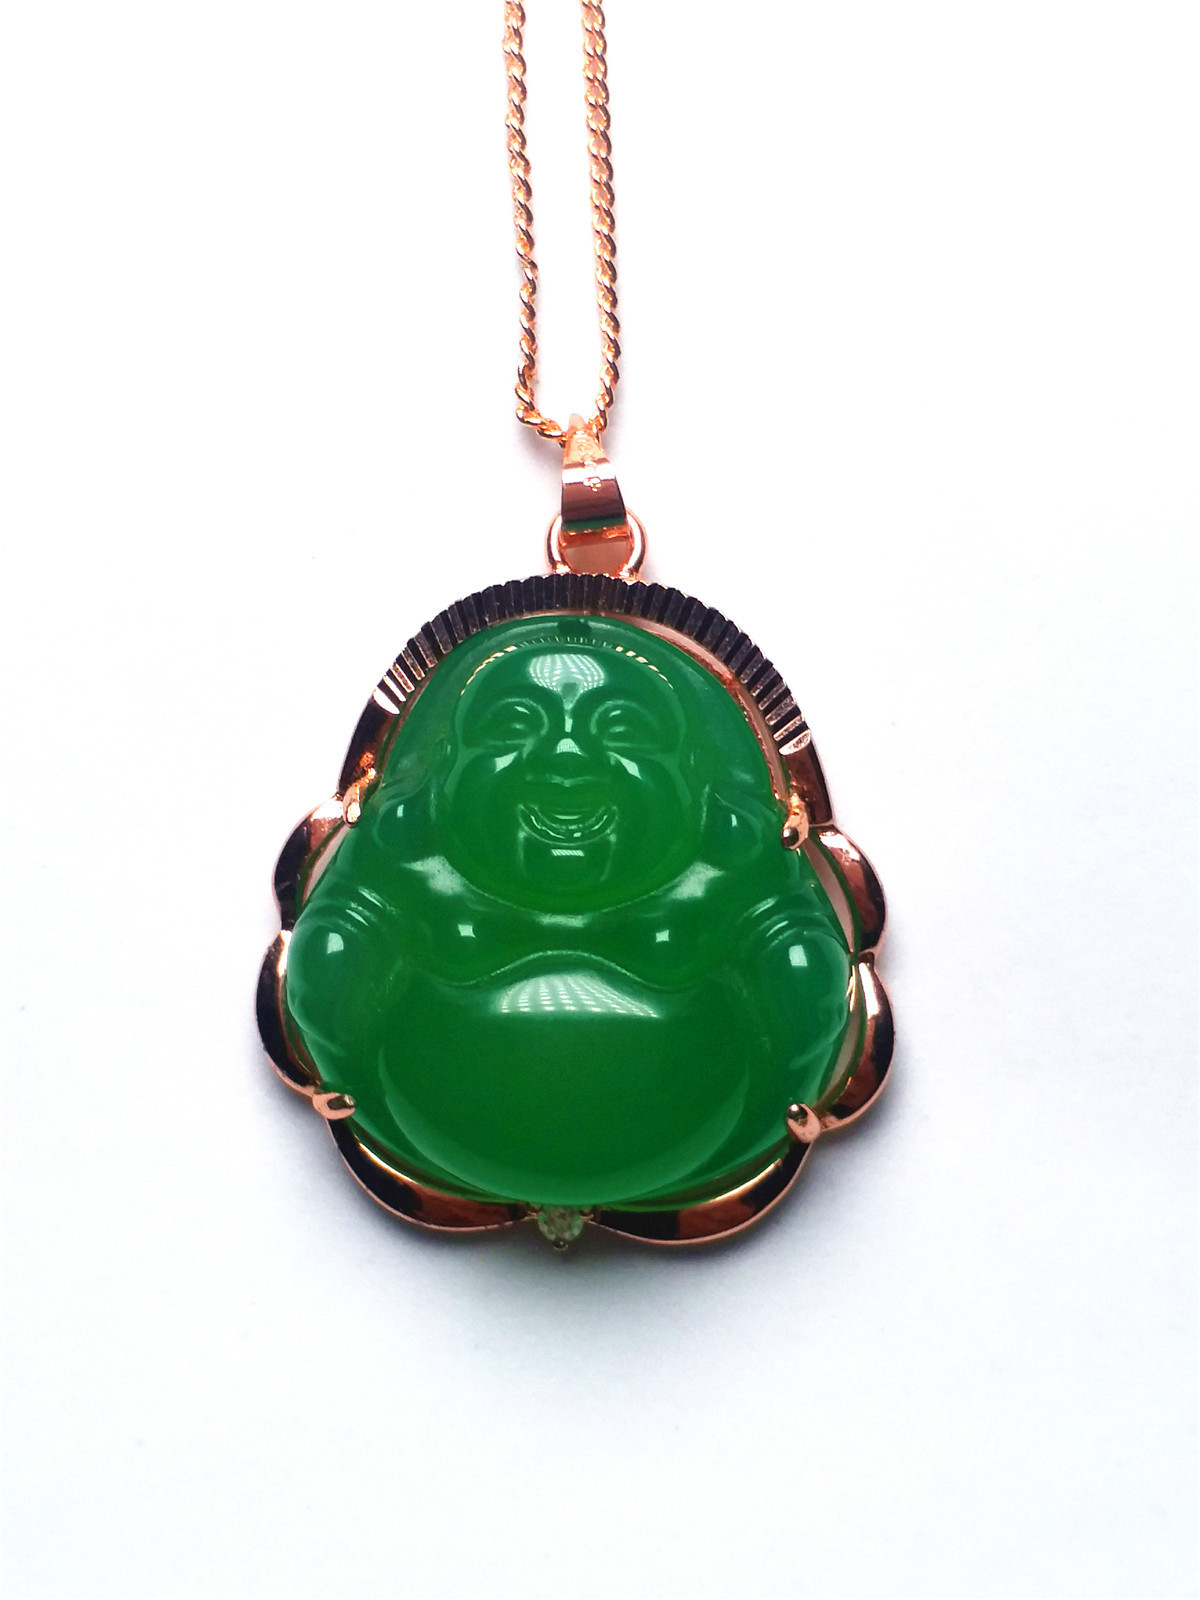 Certificat 18KGP Or Naturel Incrusté Vert Jade Bouddha Pendentif Chaîne Collier De Pierres Précieuses En Gros